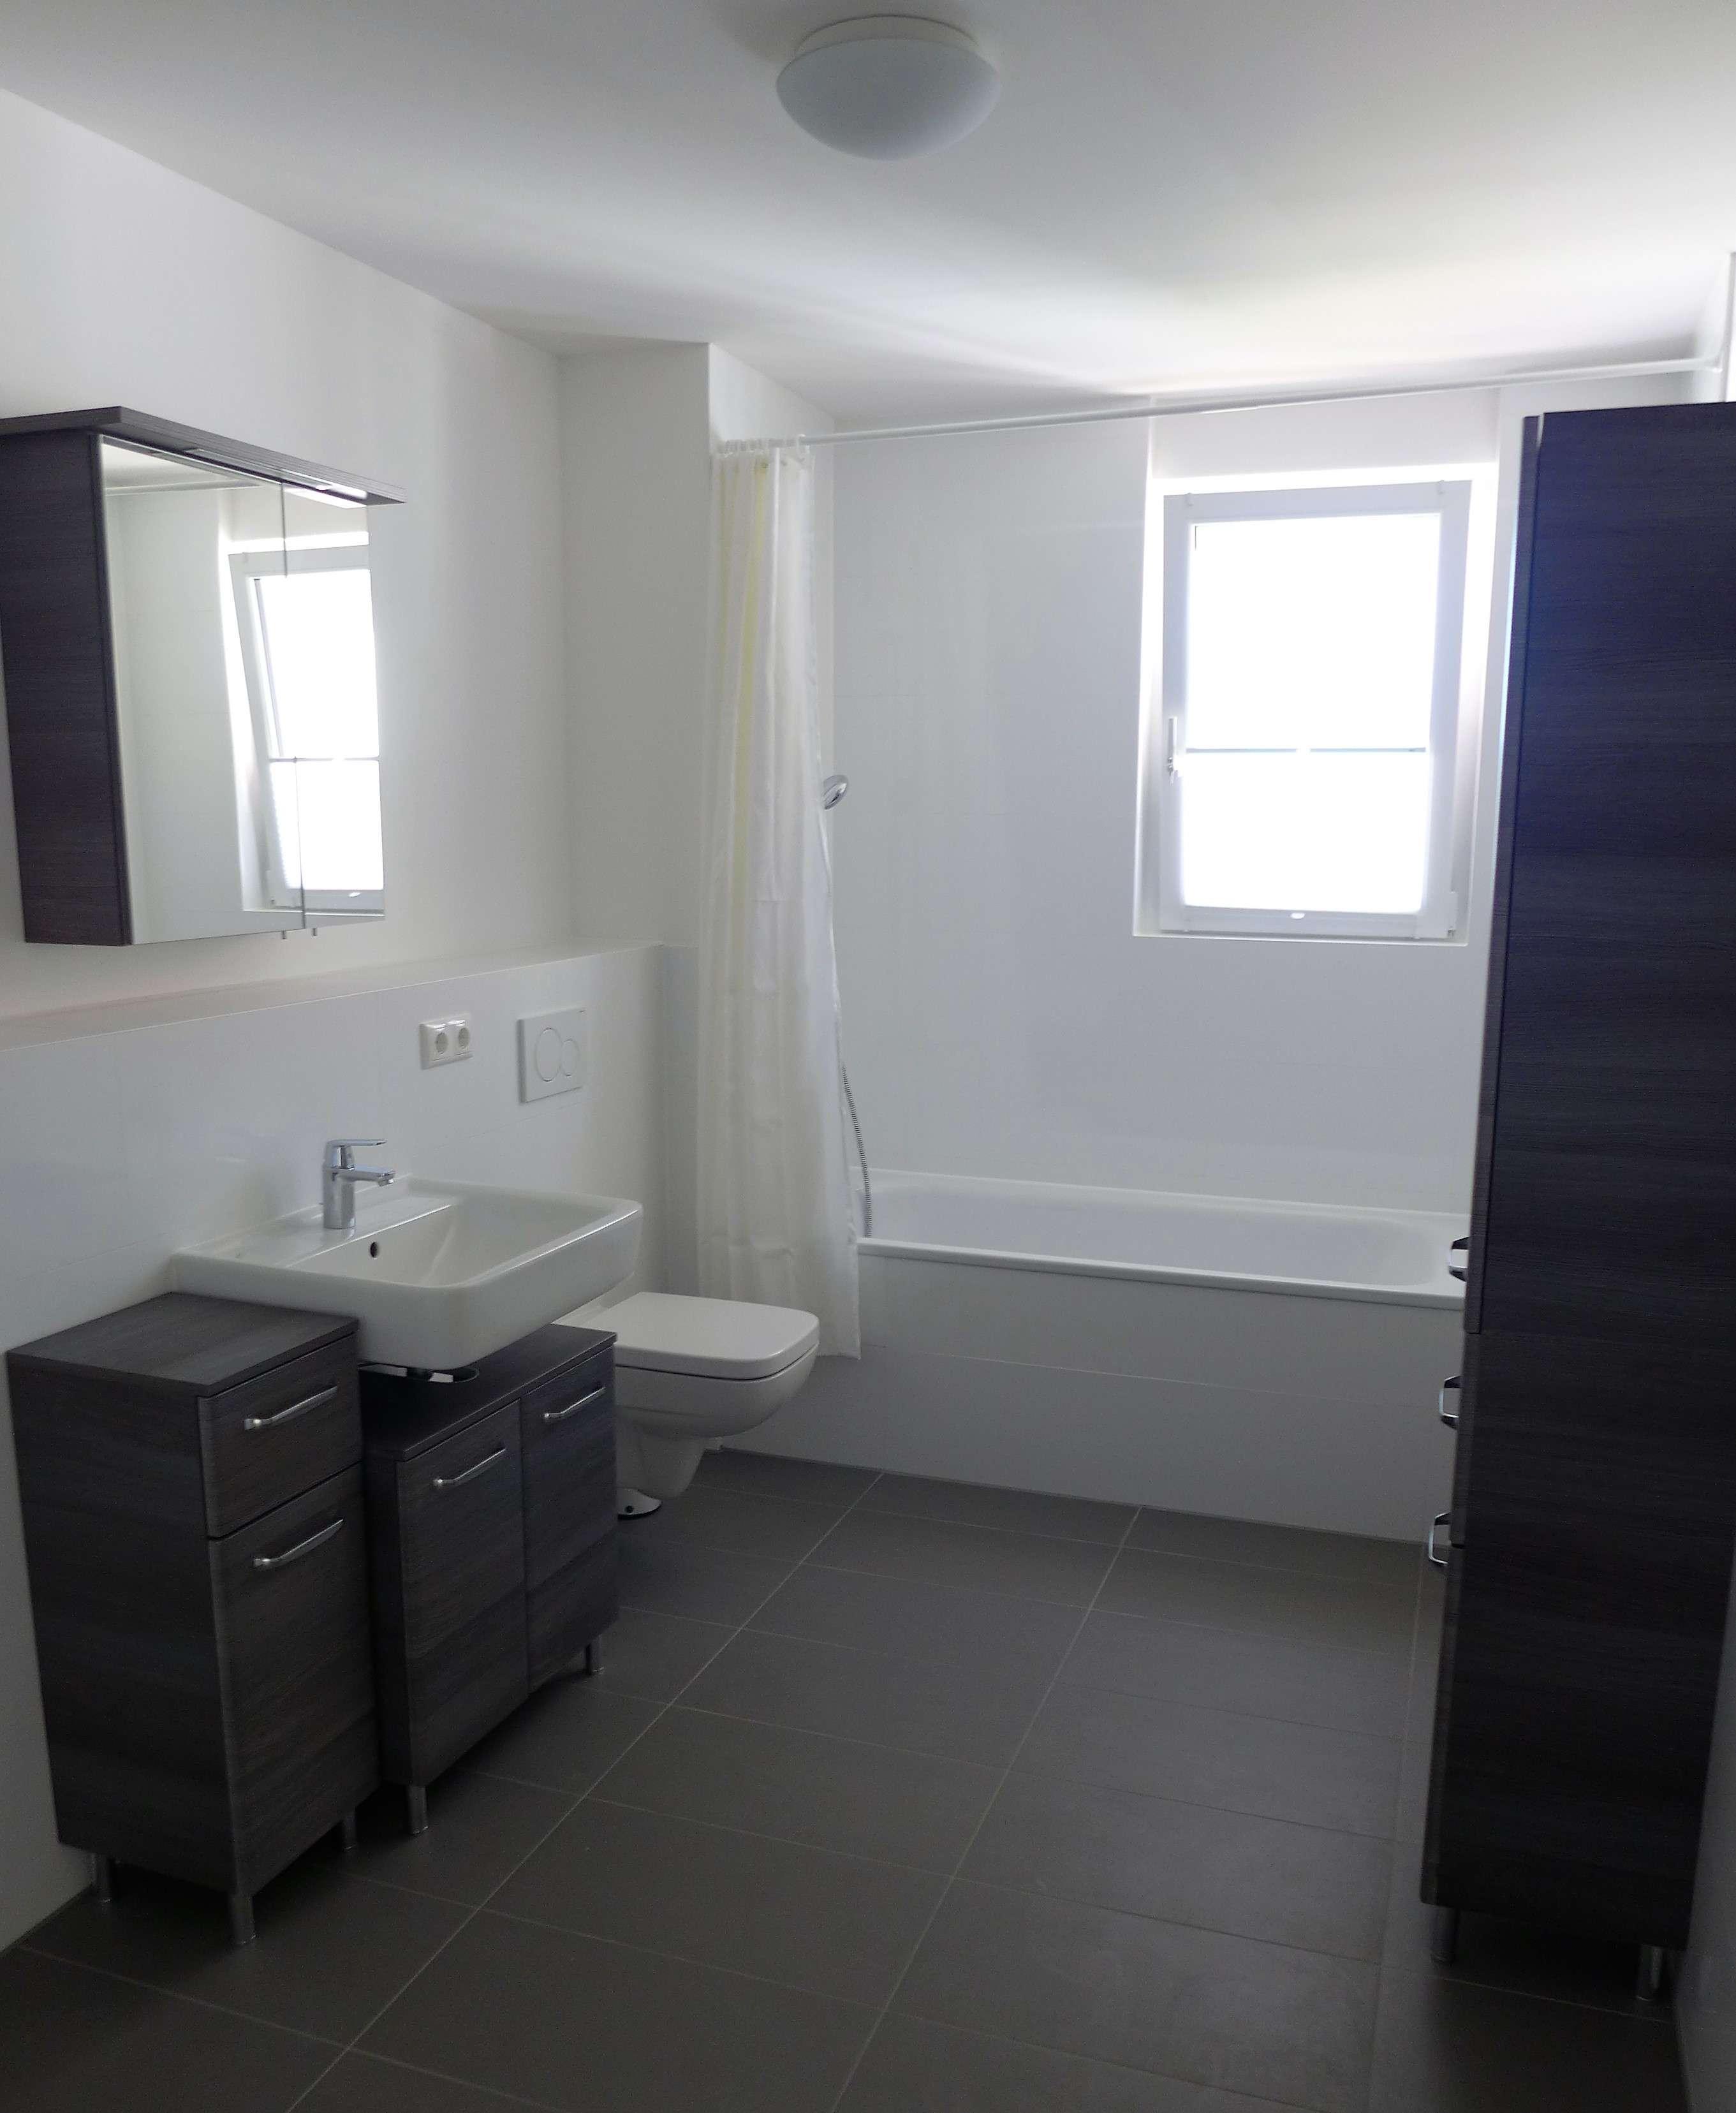 Neuwertig! Helle und hochwertig ausgestattete teilmöblierte 2-Zimmerwohnung! in Vaterstetten